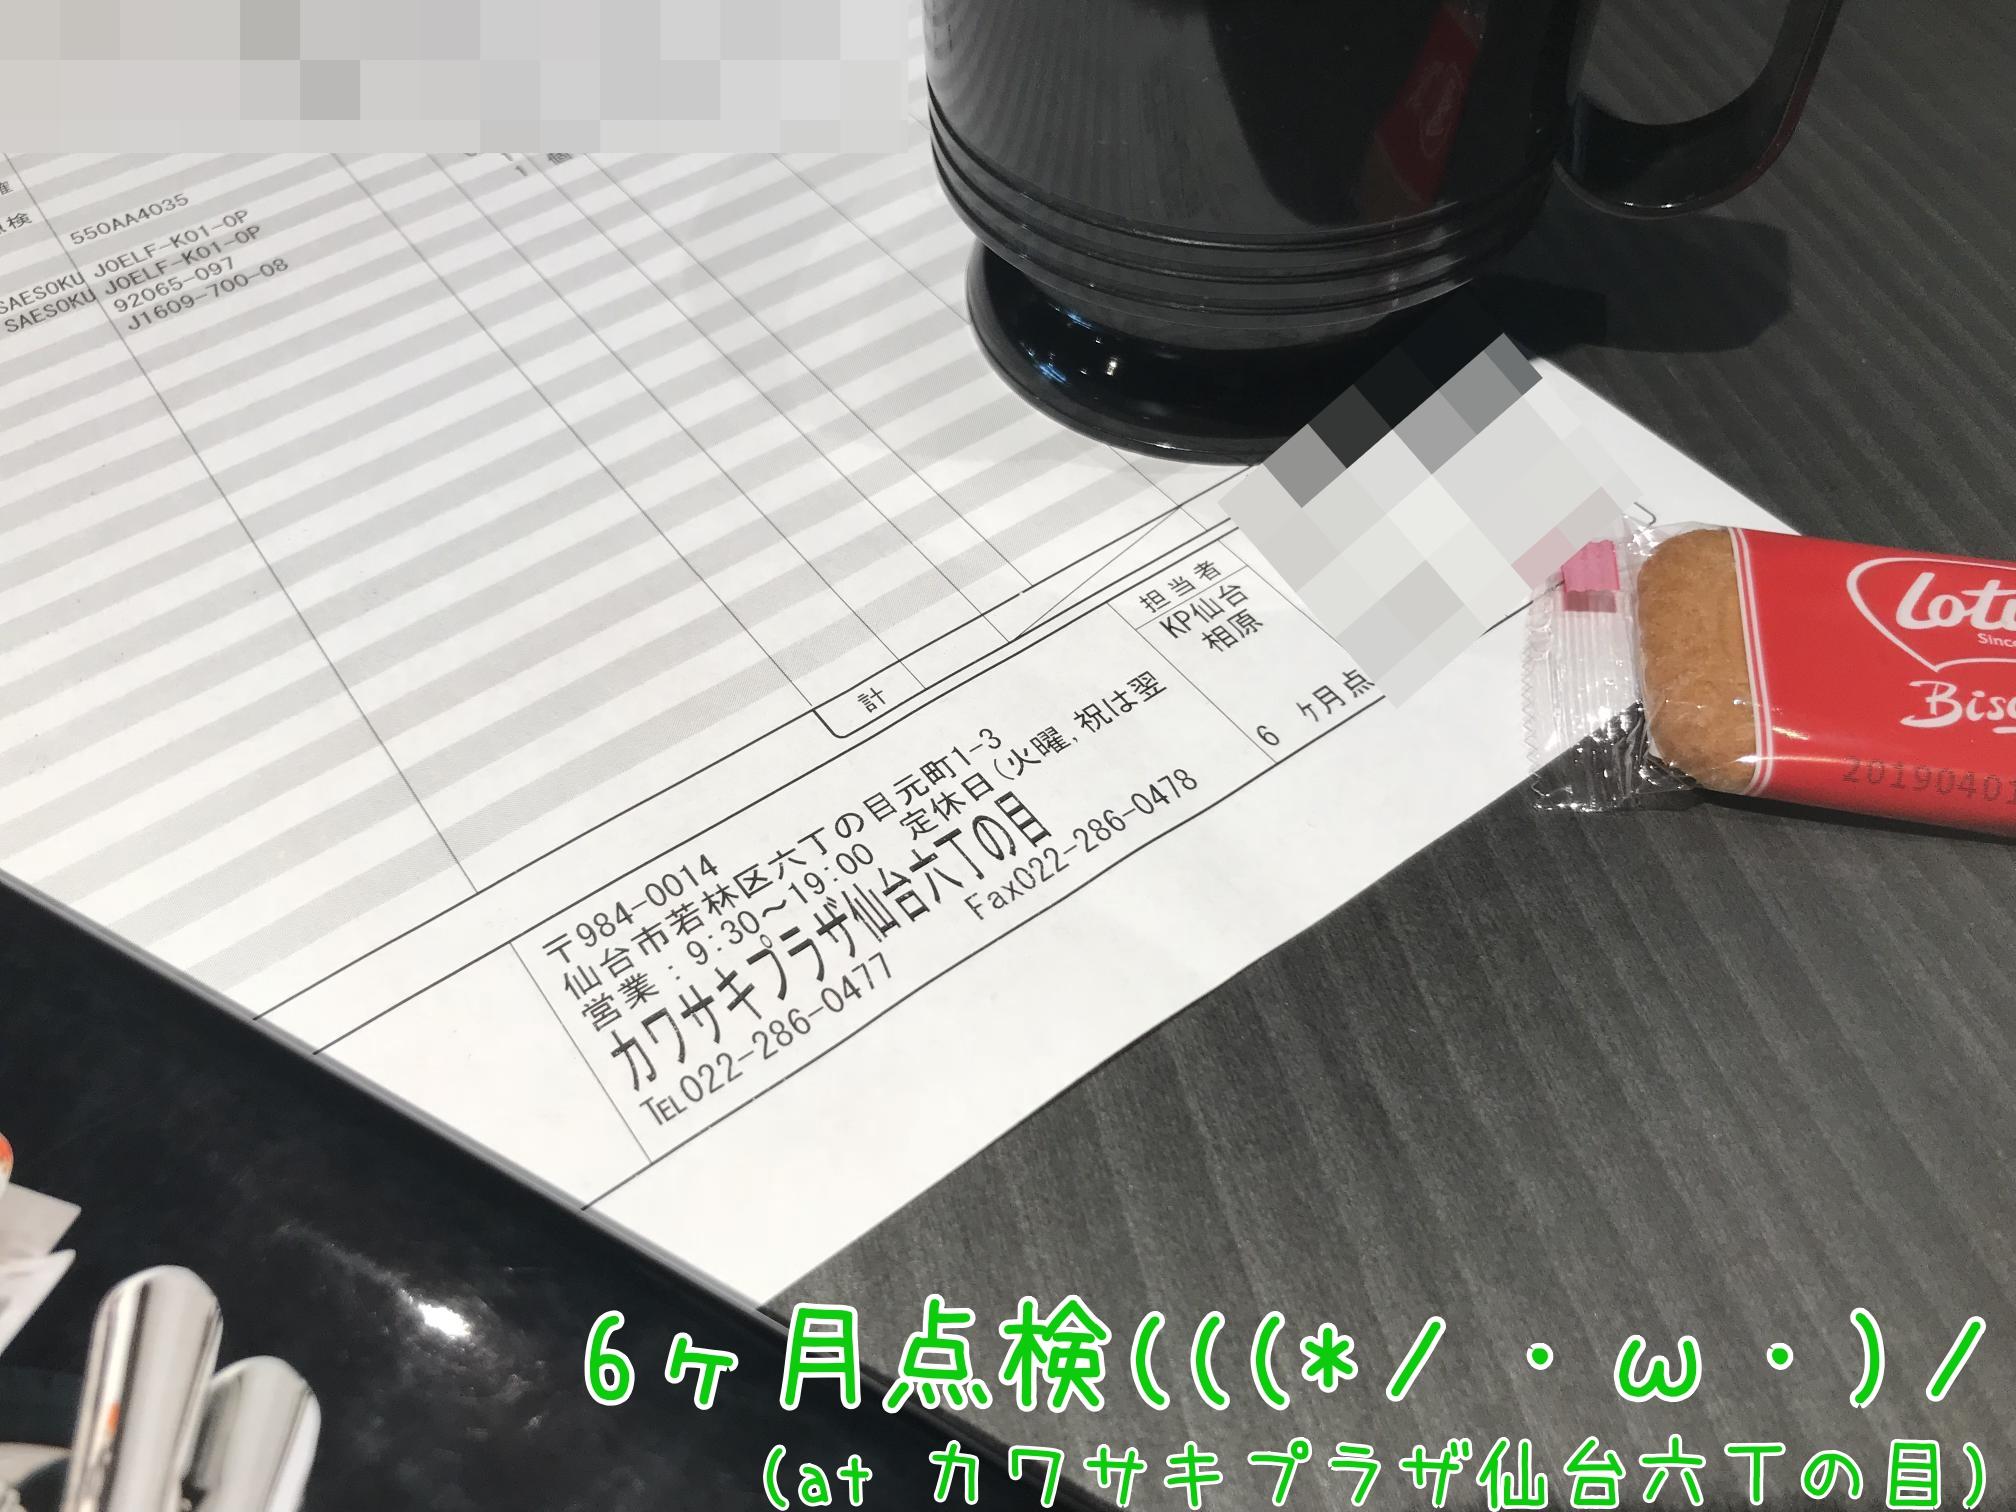 181110_1.jpg